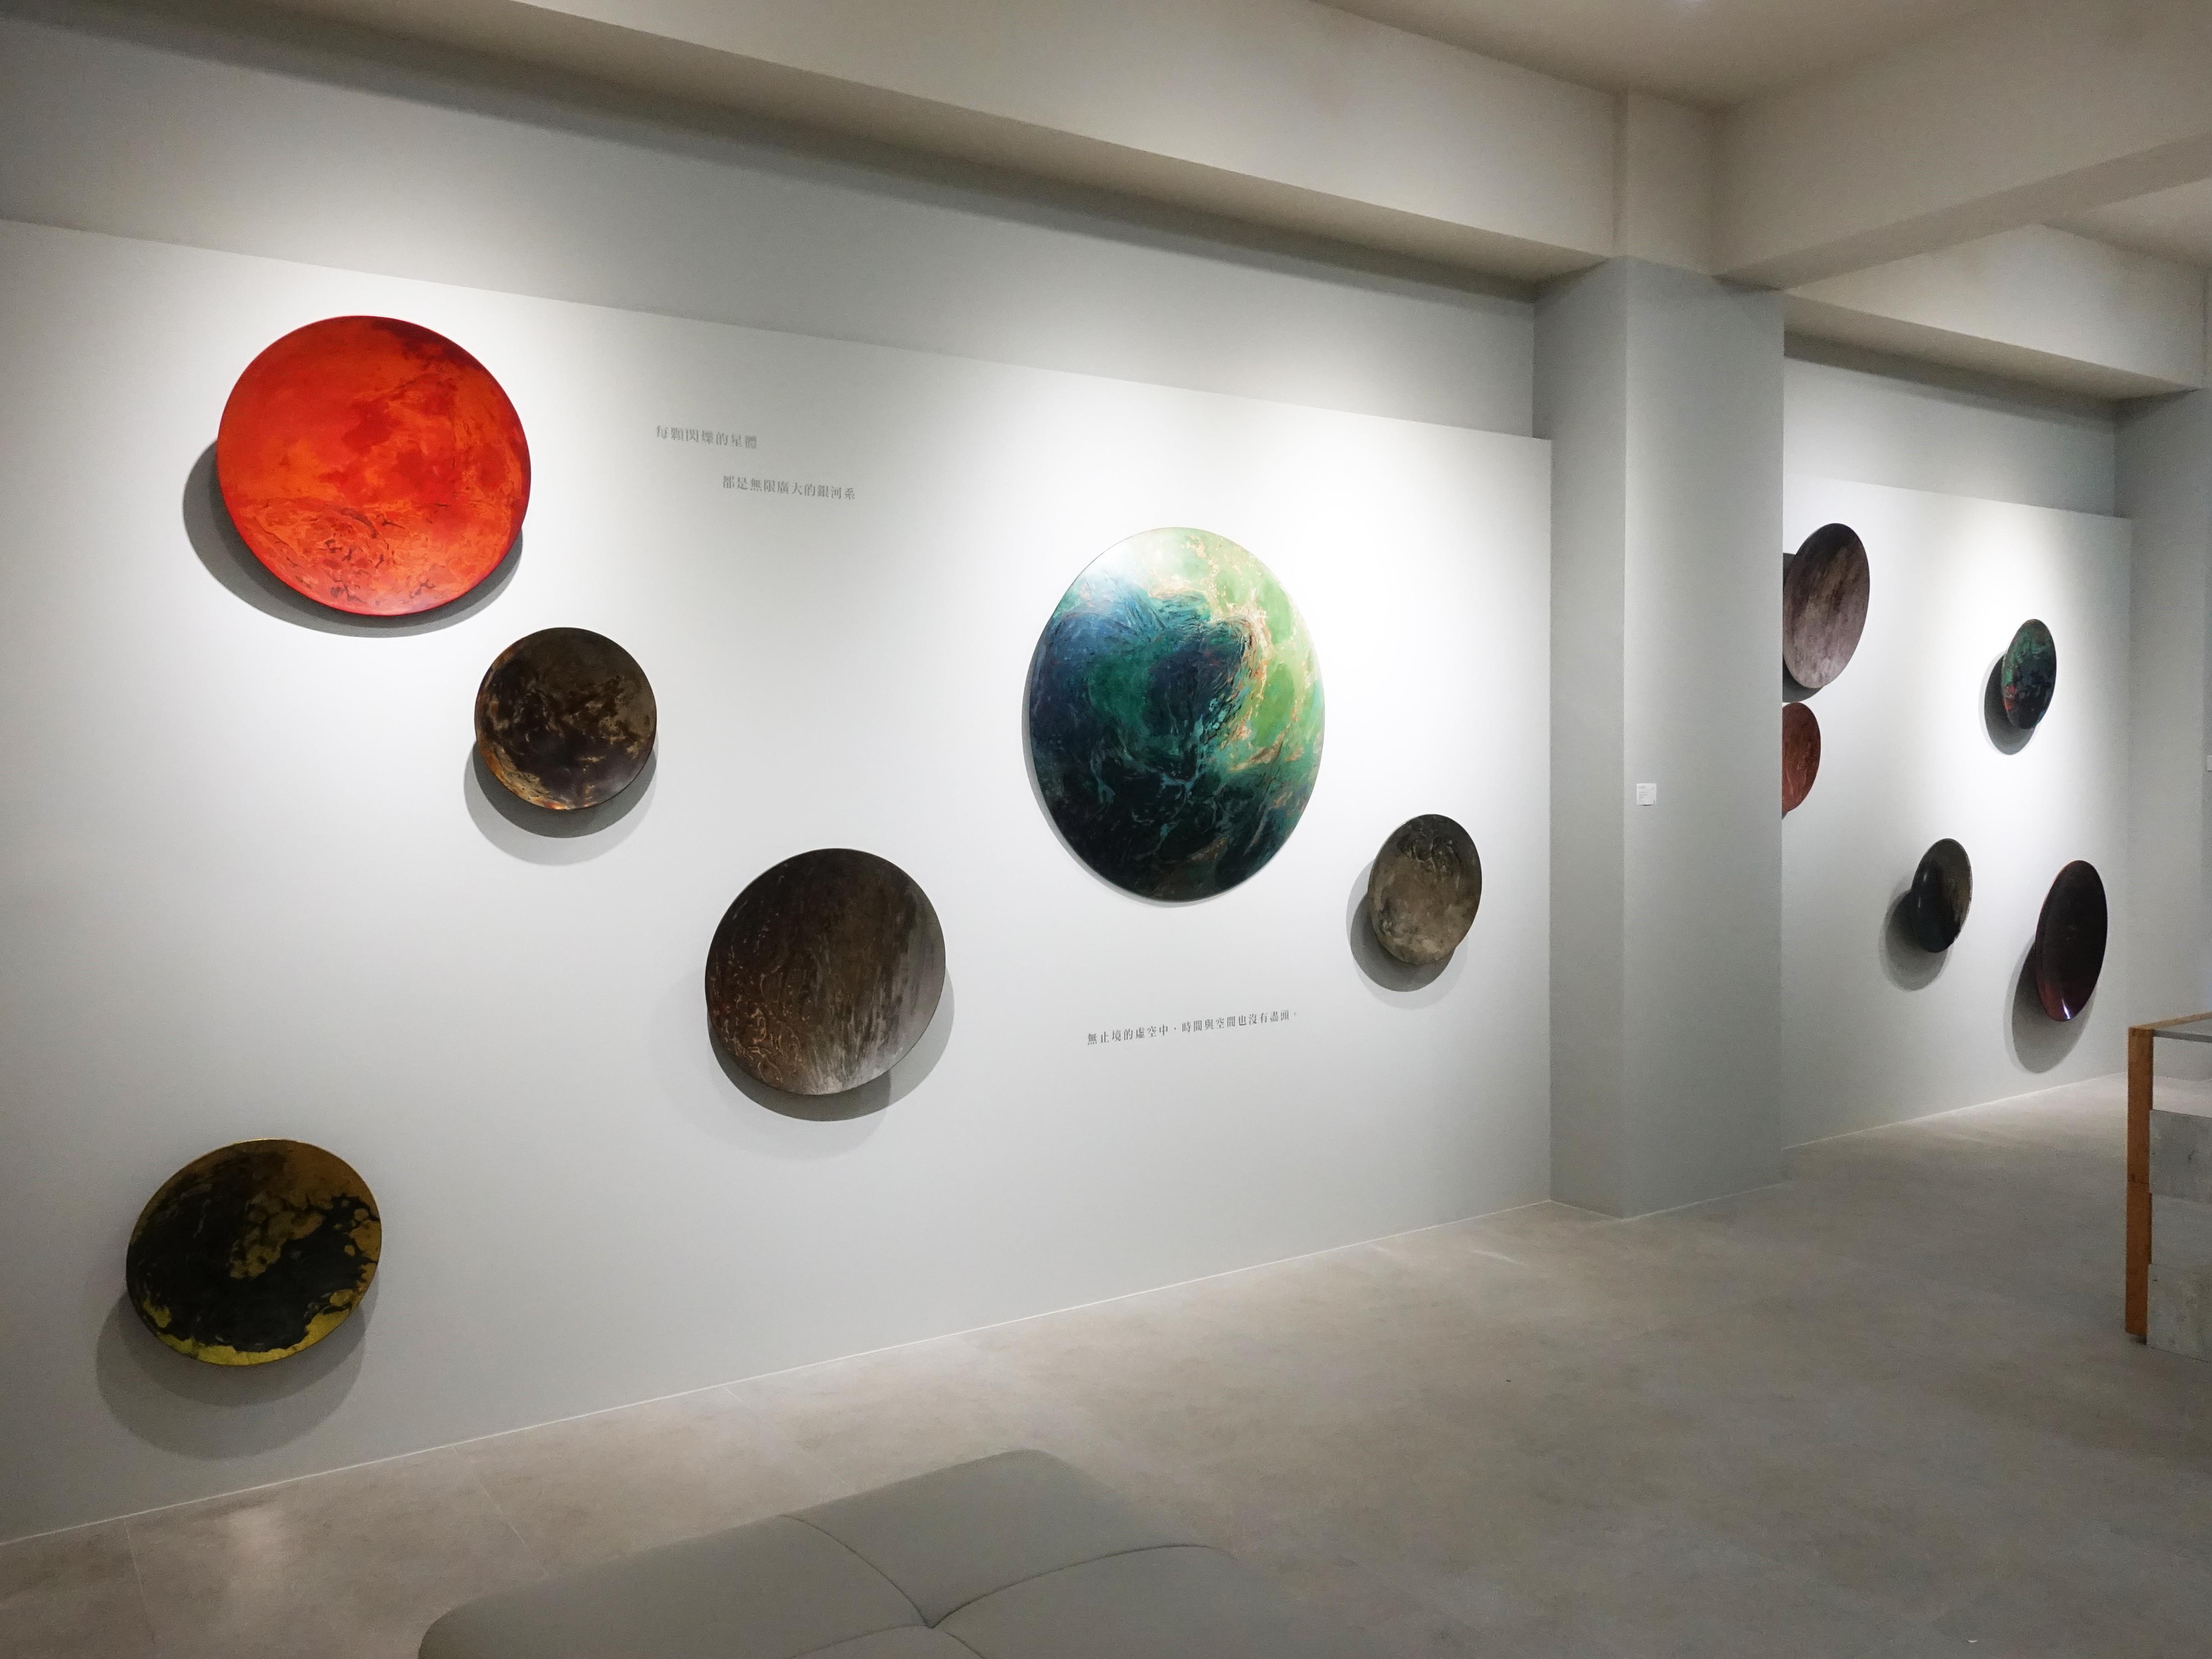 越南藝術家阮春綠於正觀藝術展出《微塵系列》作品。